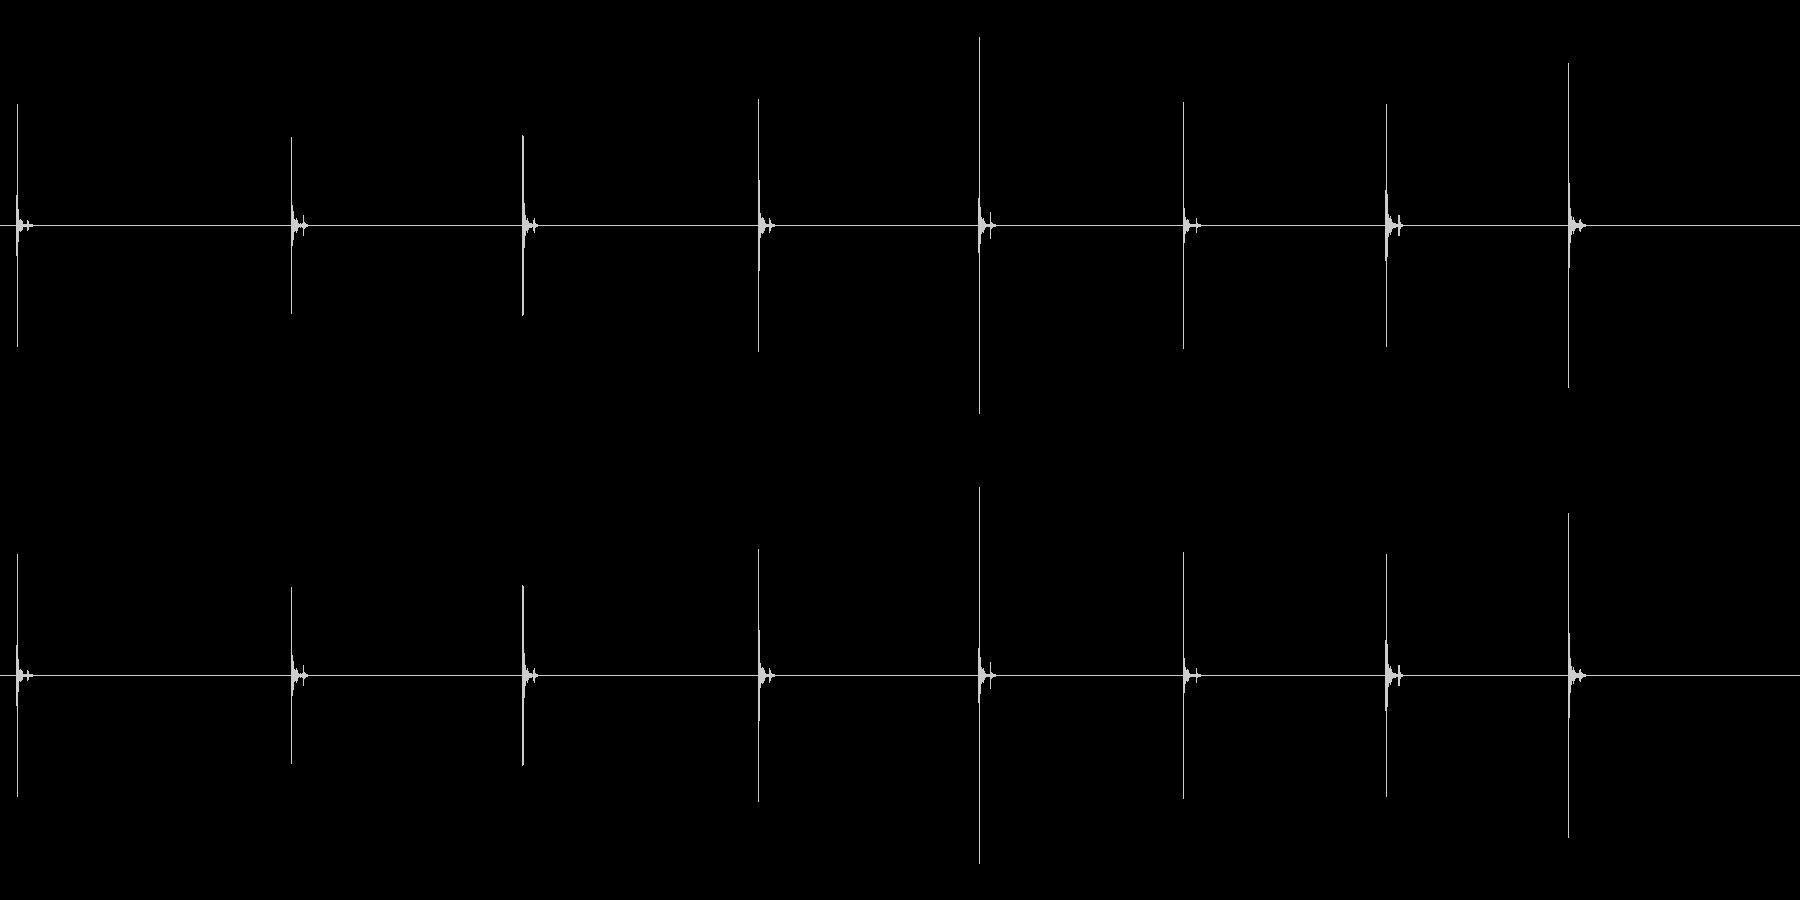 PC キーボード03-05(単発 強)の未再生の波形